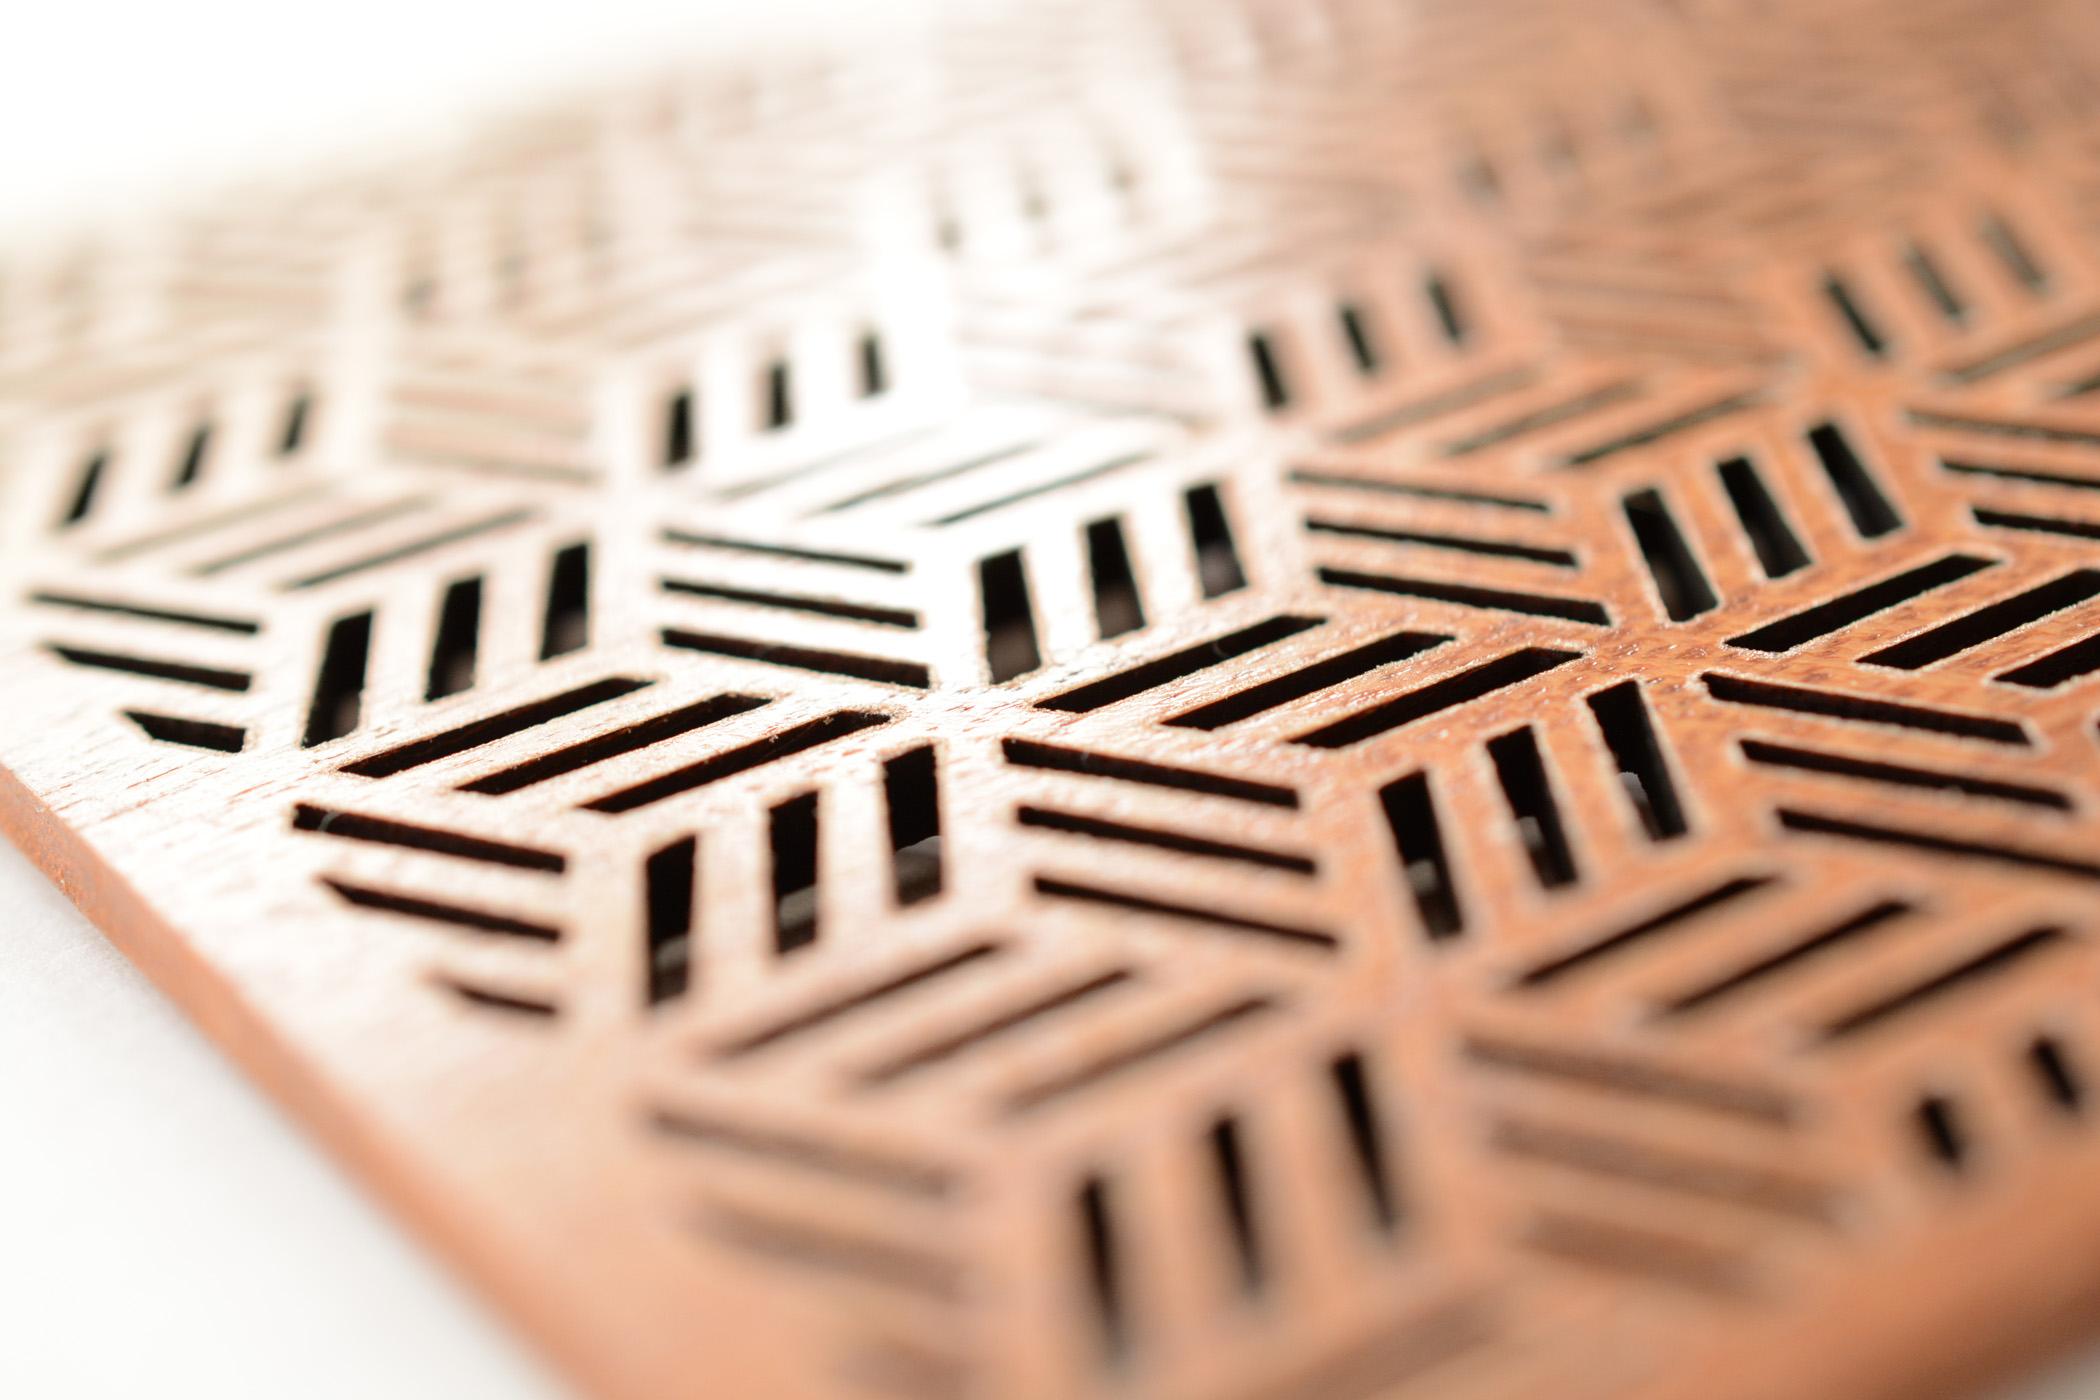 レーザー用木板材9